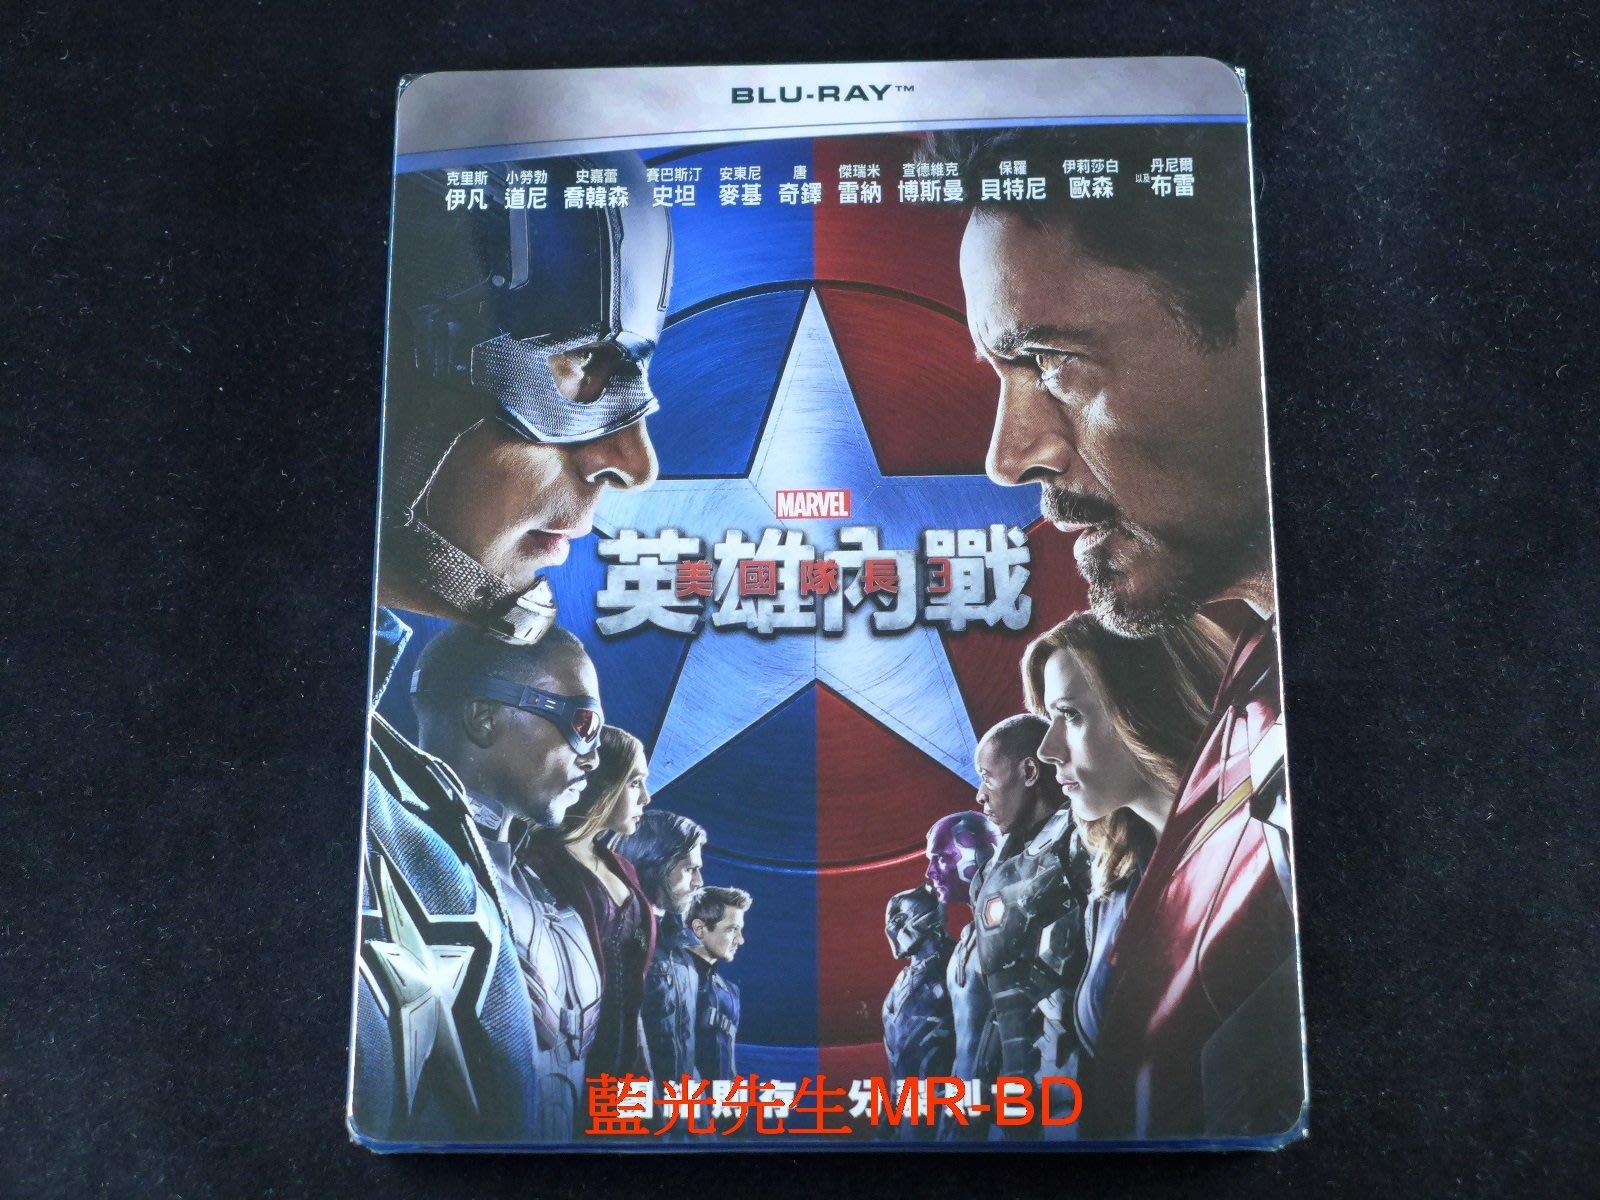 [藍光BD] - 美國隊長3:英雄內戰 Captain America : Civil War ( 得利公司貨 )